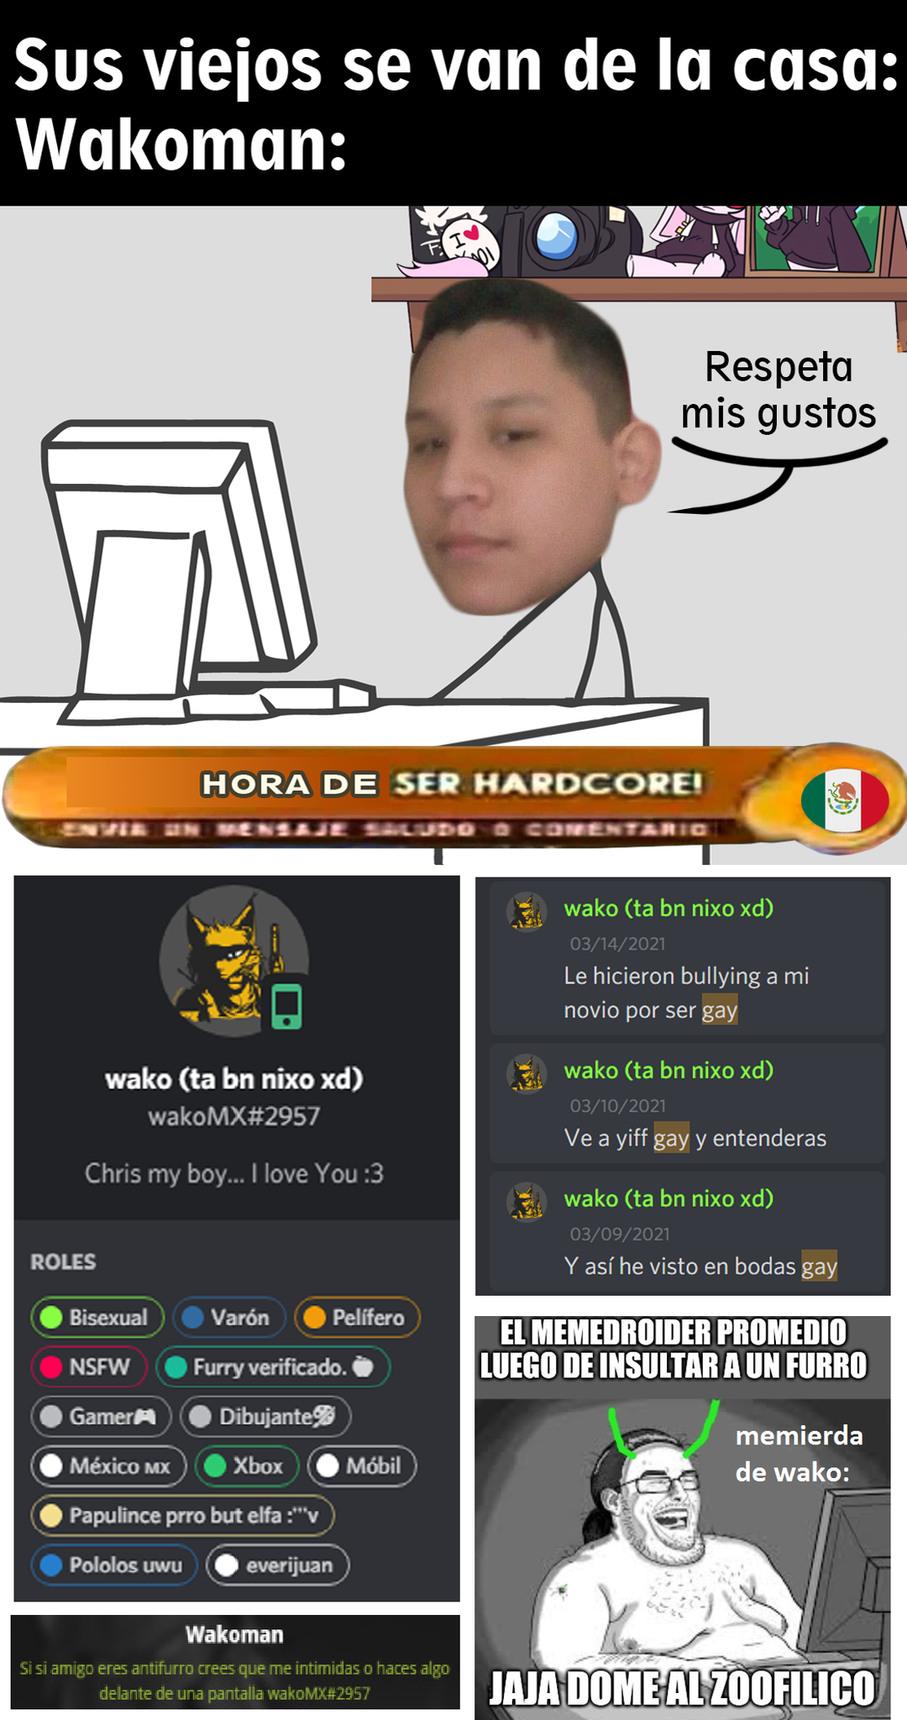 Furro, mexicano, respeta gustos, homosexual, pelotudo, amante del yiff, menor de 12 años, doble cara y edgy - meme